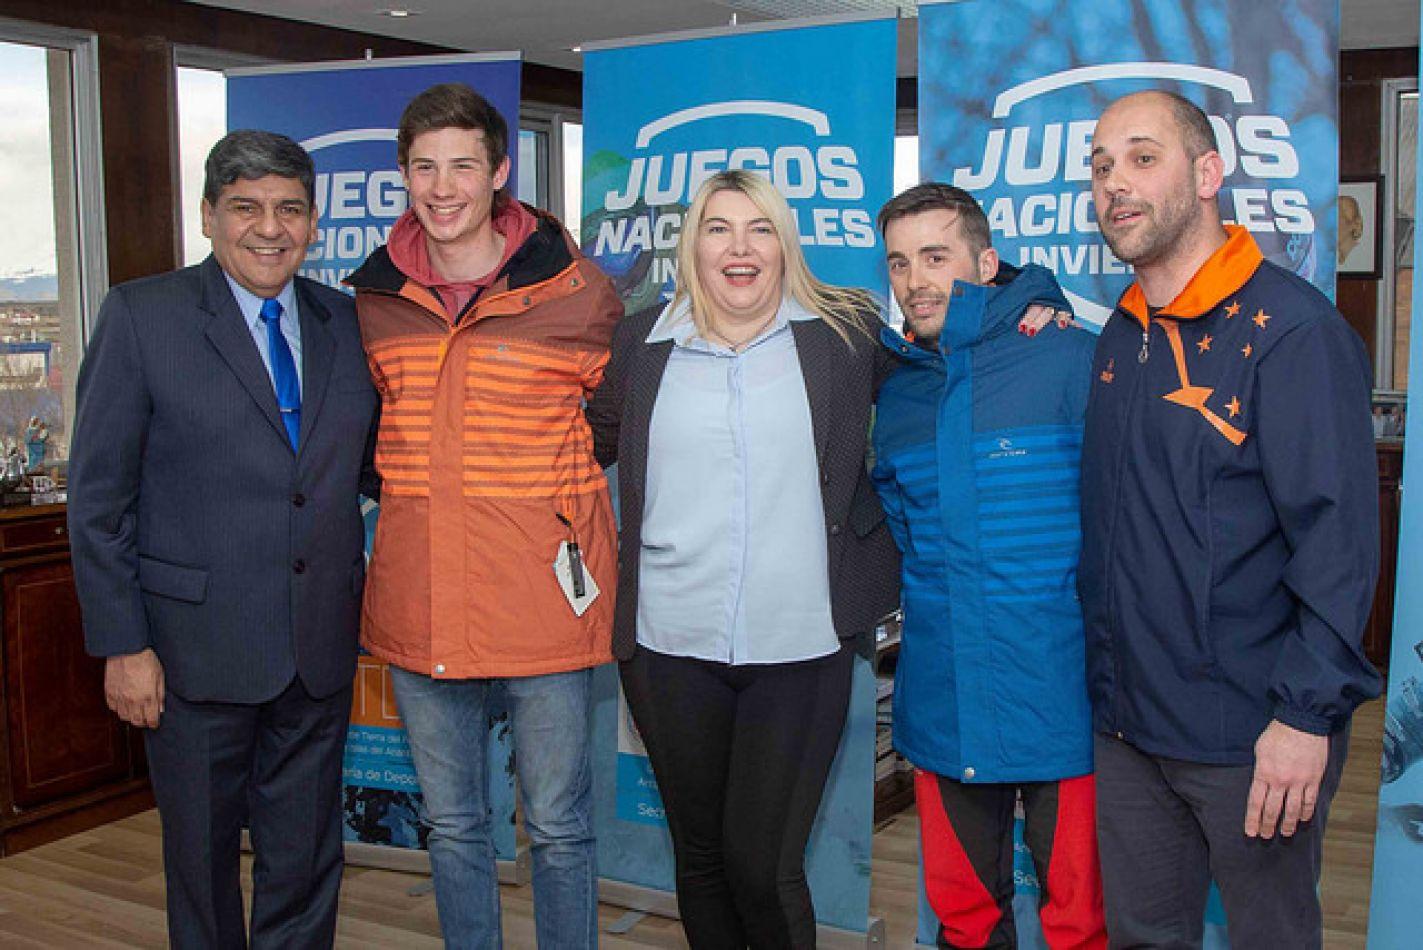 La gobernadora Rosana Bertone recibió este lunes, junto al vicegobernador Juan Carlos Arcando y al secretario de Deportes Ramiro Bravo y deportístas